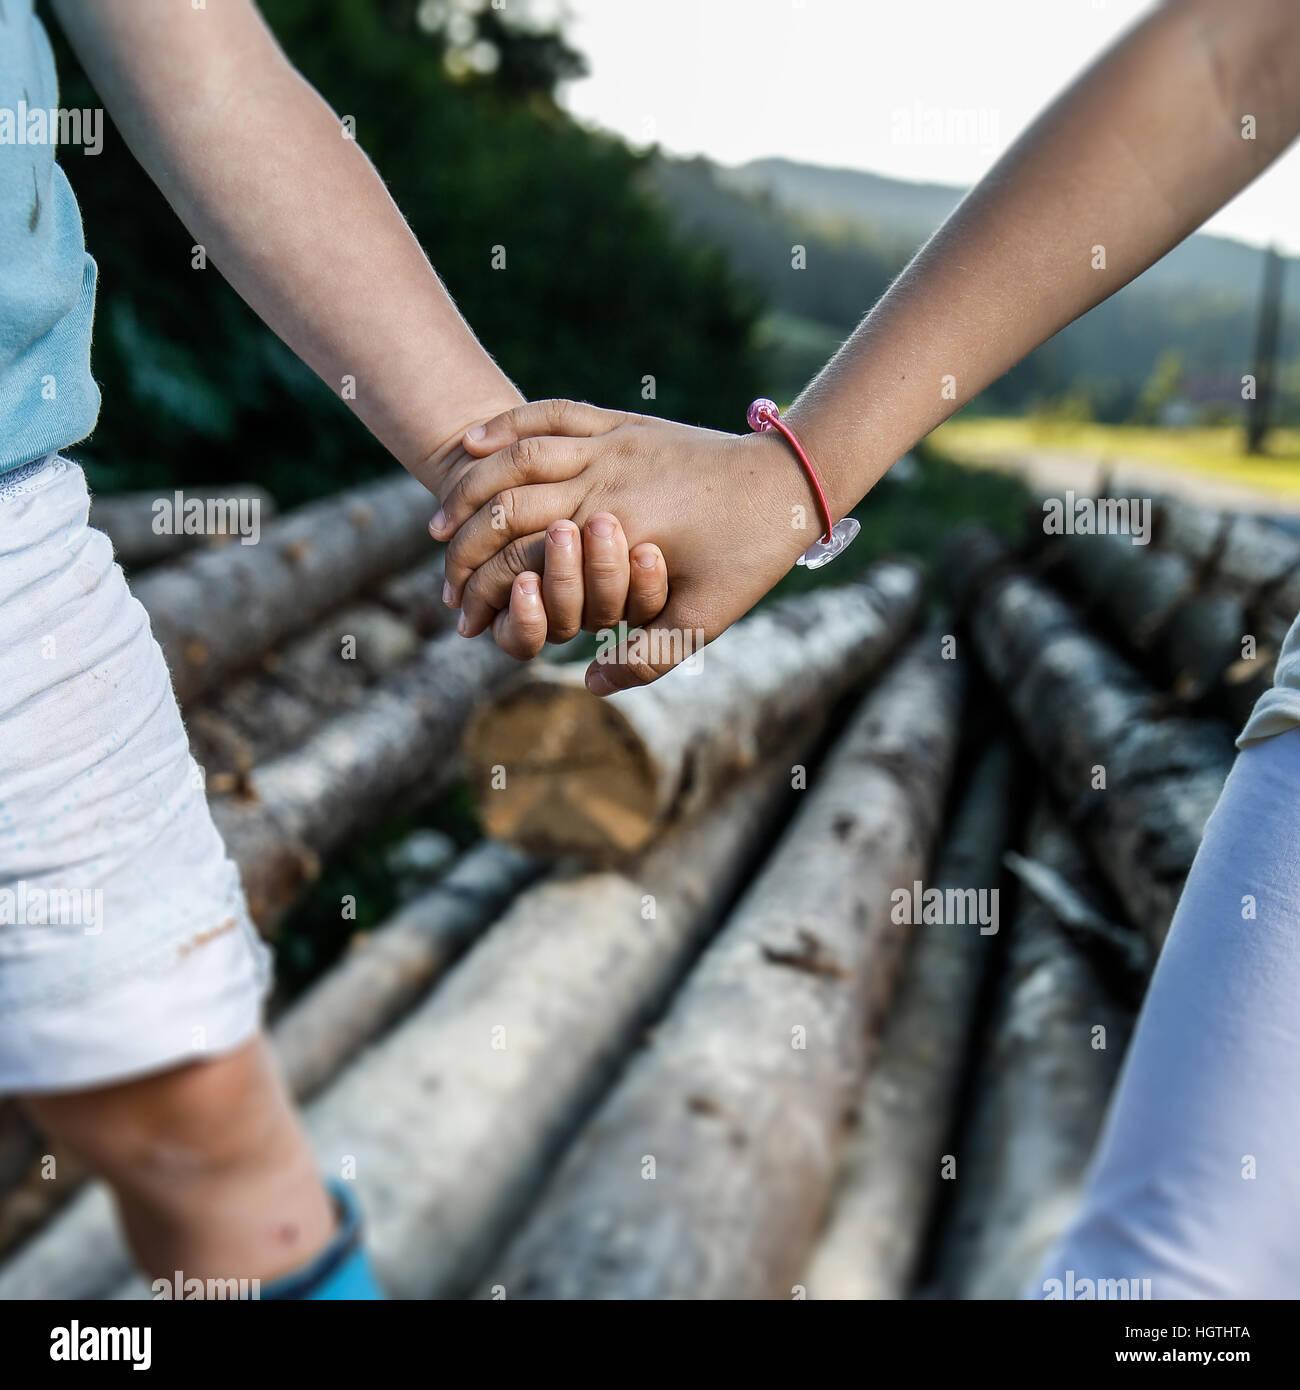 Amici Holding Hands, godendo del tempo insieme. Felice e spensierato, outdoor campagna infanzia, fratelli di amore, Immagini Stock